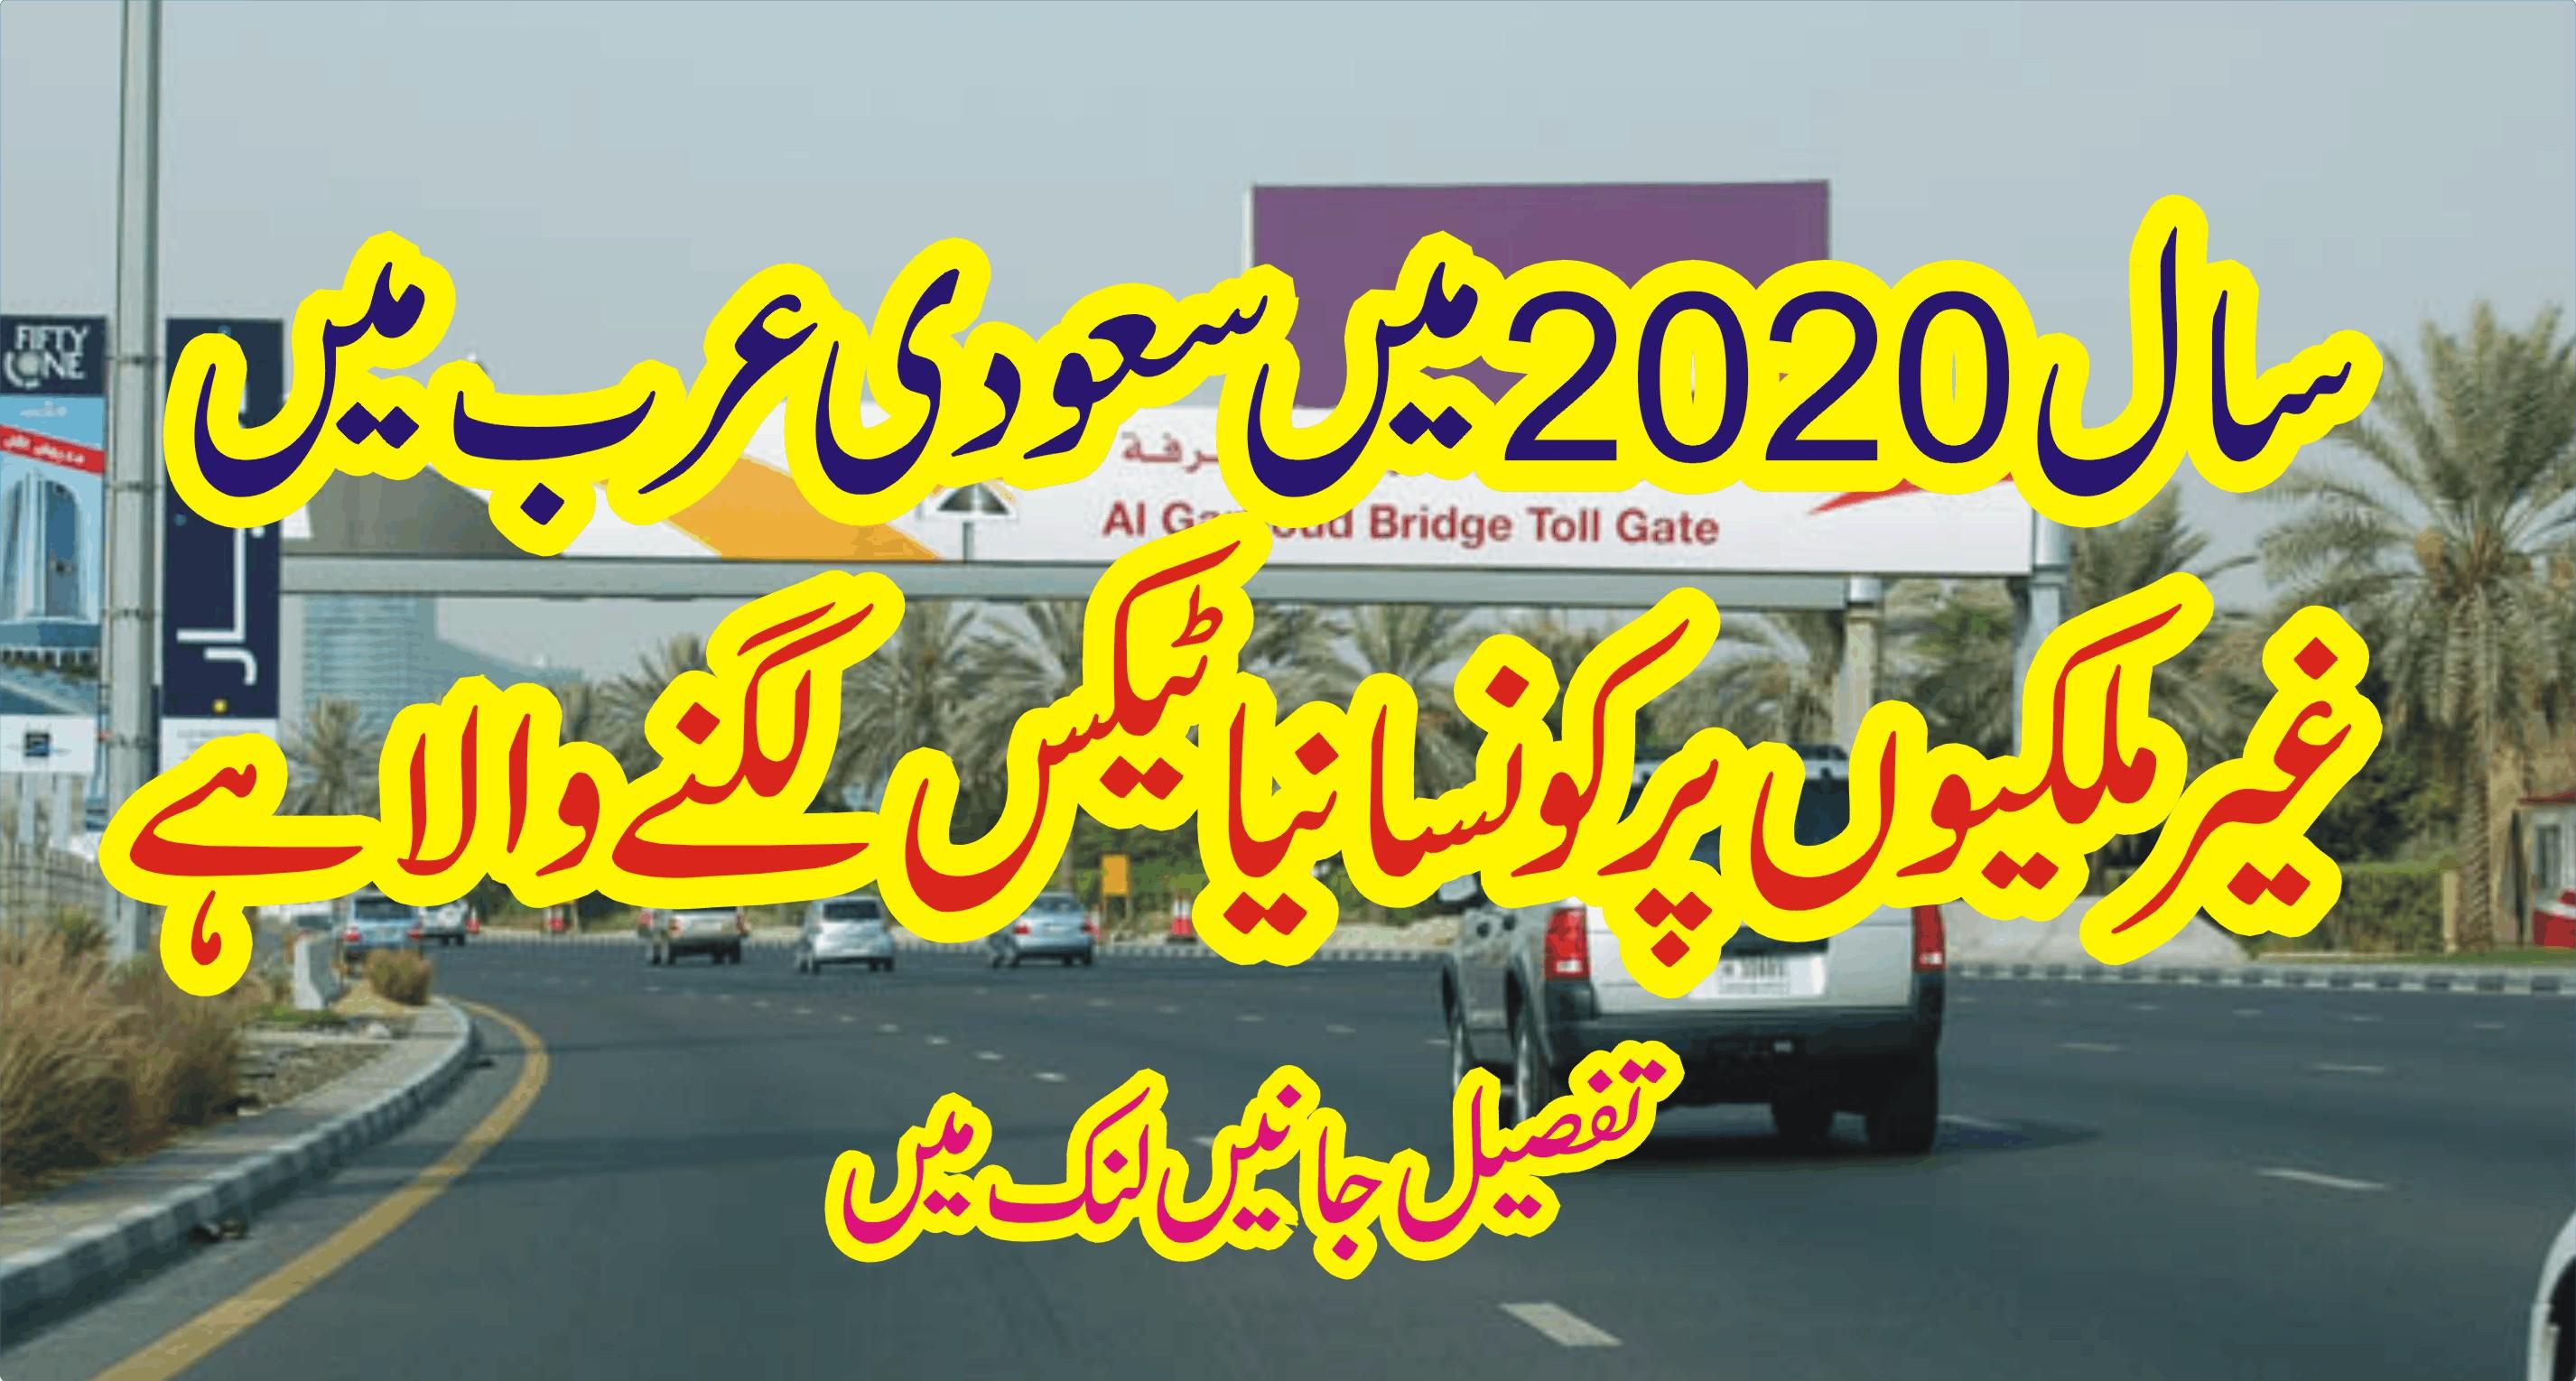 سال 2020 میں سعودی عرب میں غیرملکیوں پر کونسا نیا ٹیکس لگنے والا ہے؟ تفصیل جانیں…